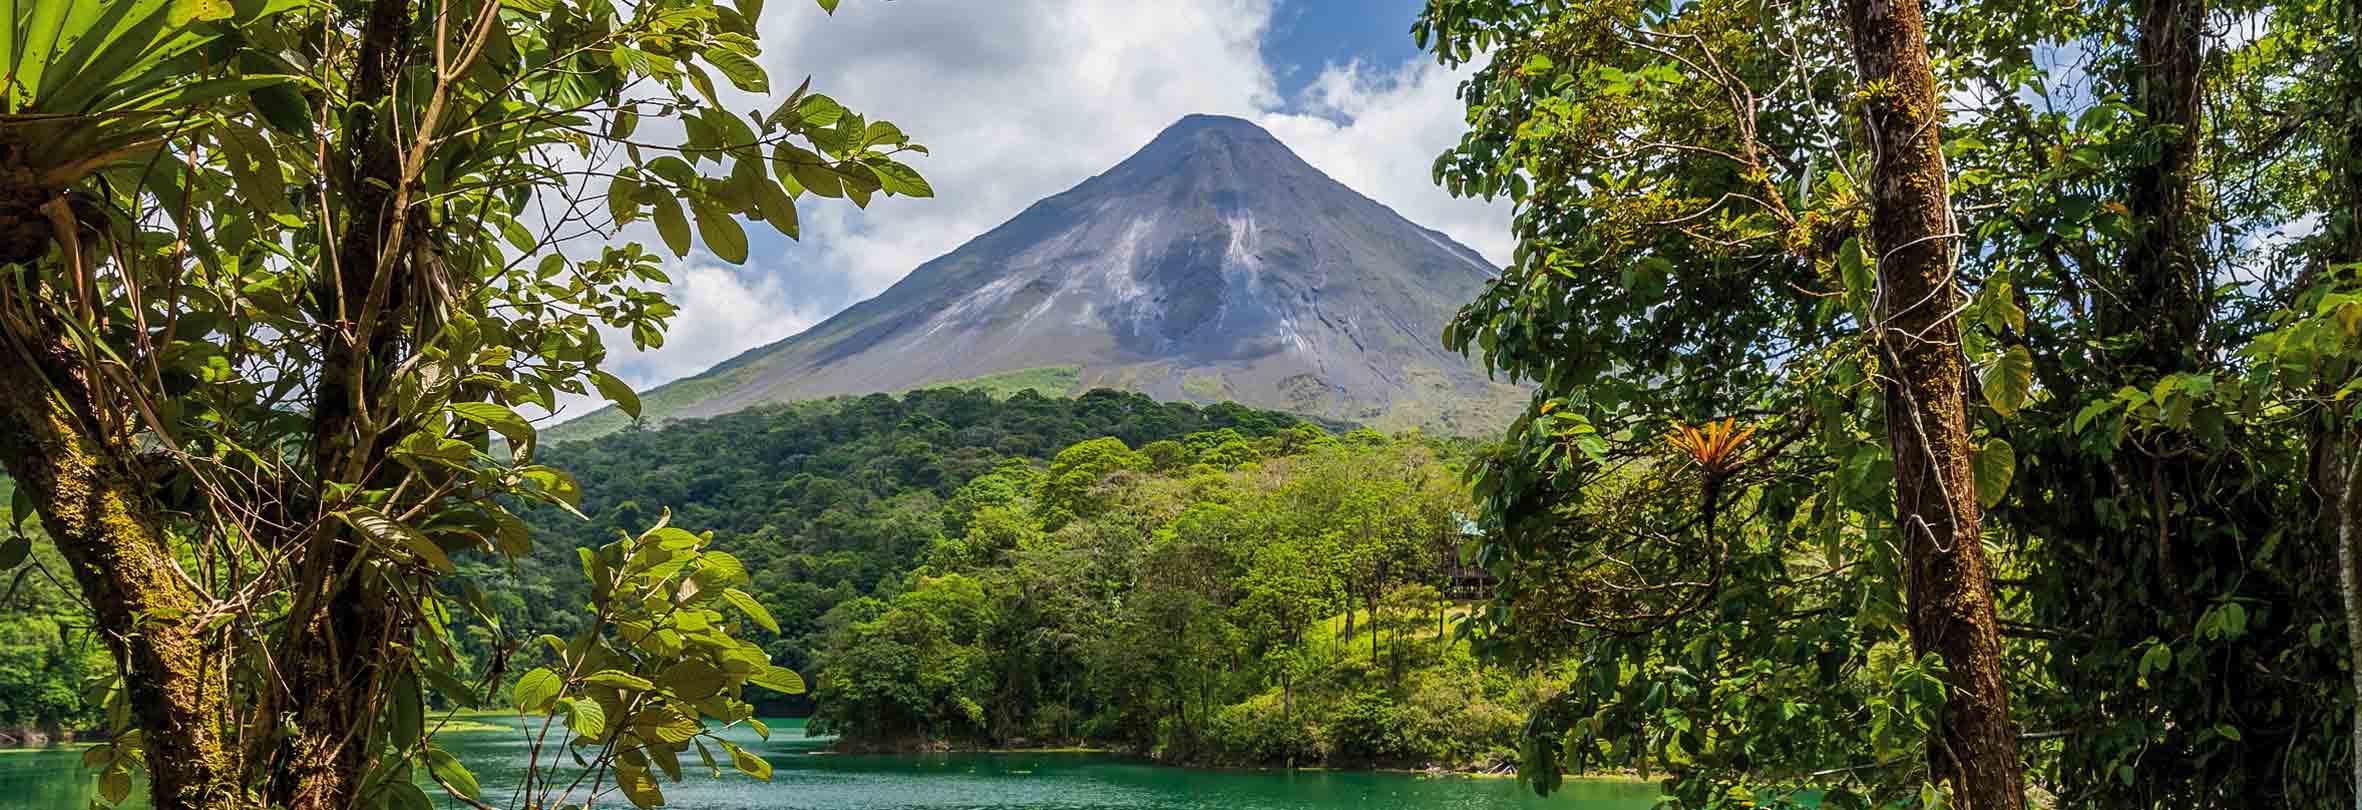 Vulkan Arenal, 1670 m, Costa Rica